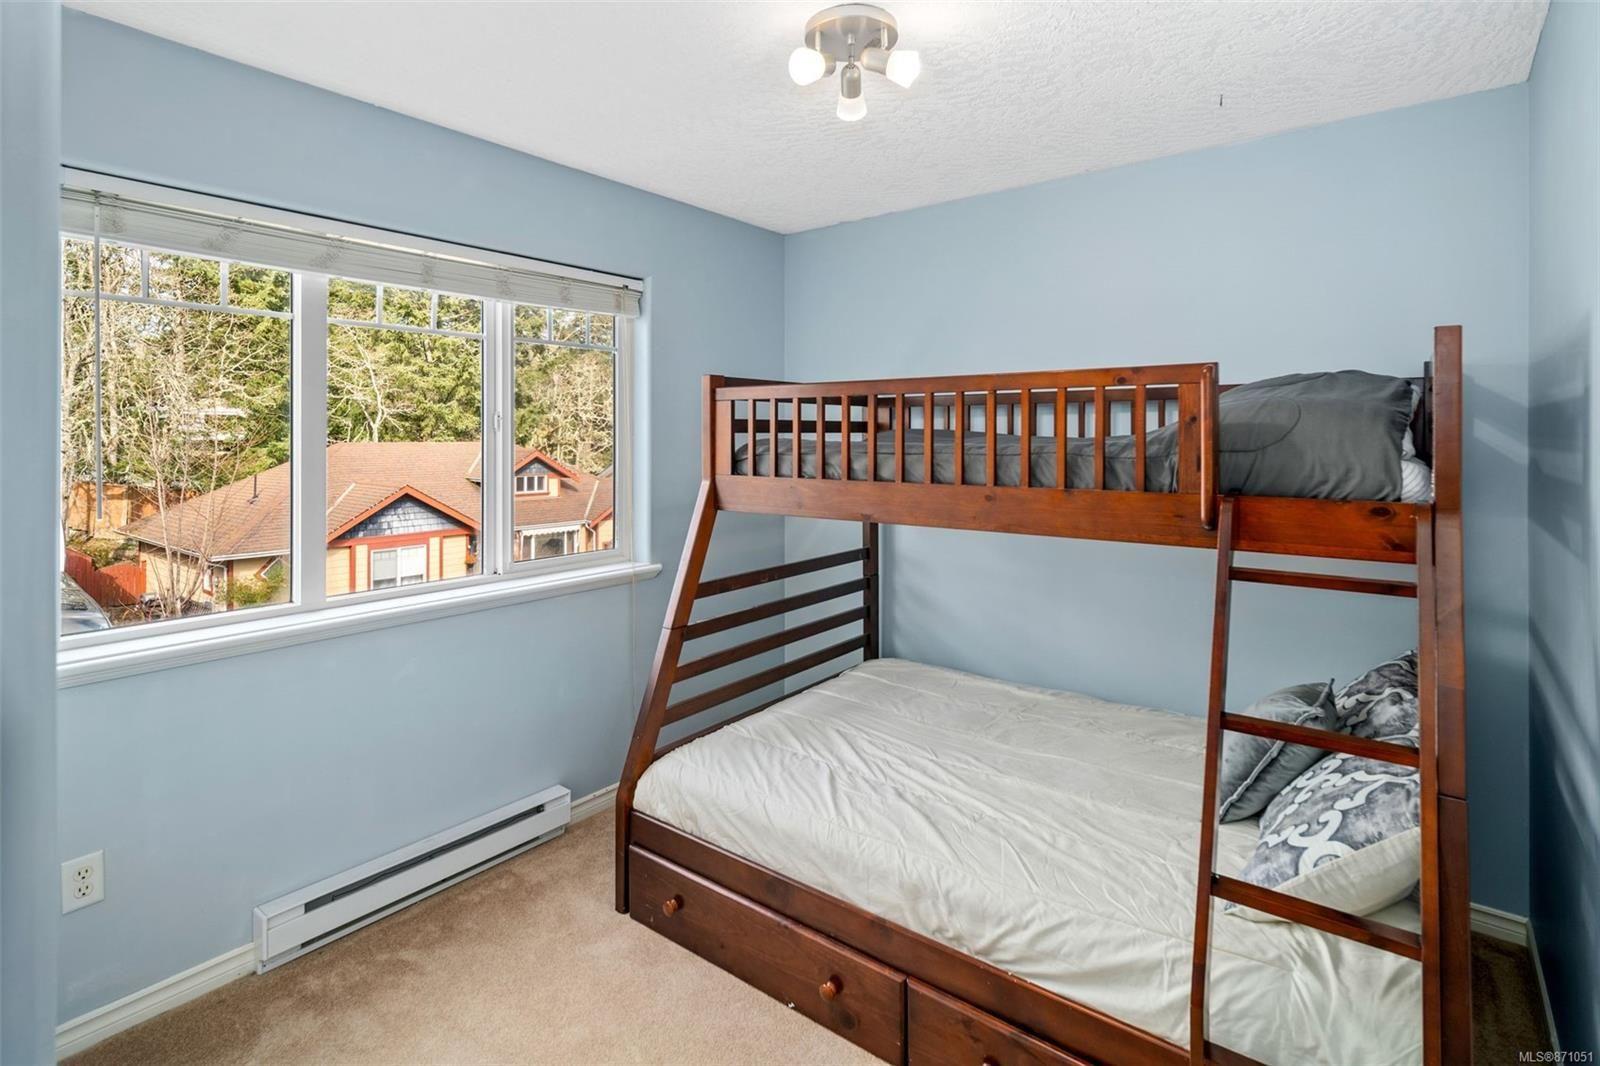 Photo 19: Photos: 521 Selwyn Oaks Pl in : La Mill Hill House for sale (Langford)  : MLS®# 871051